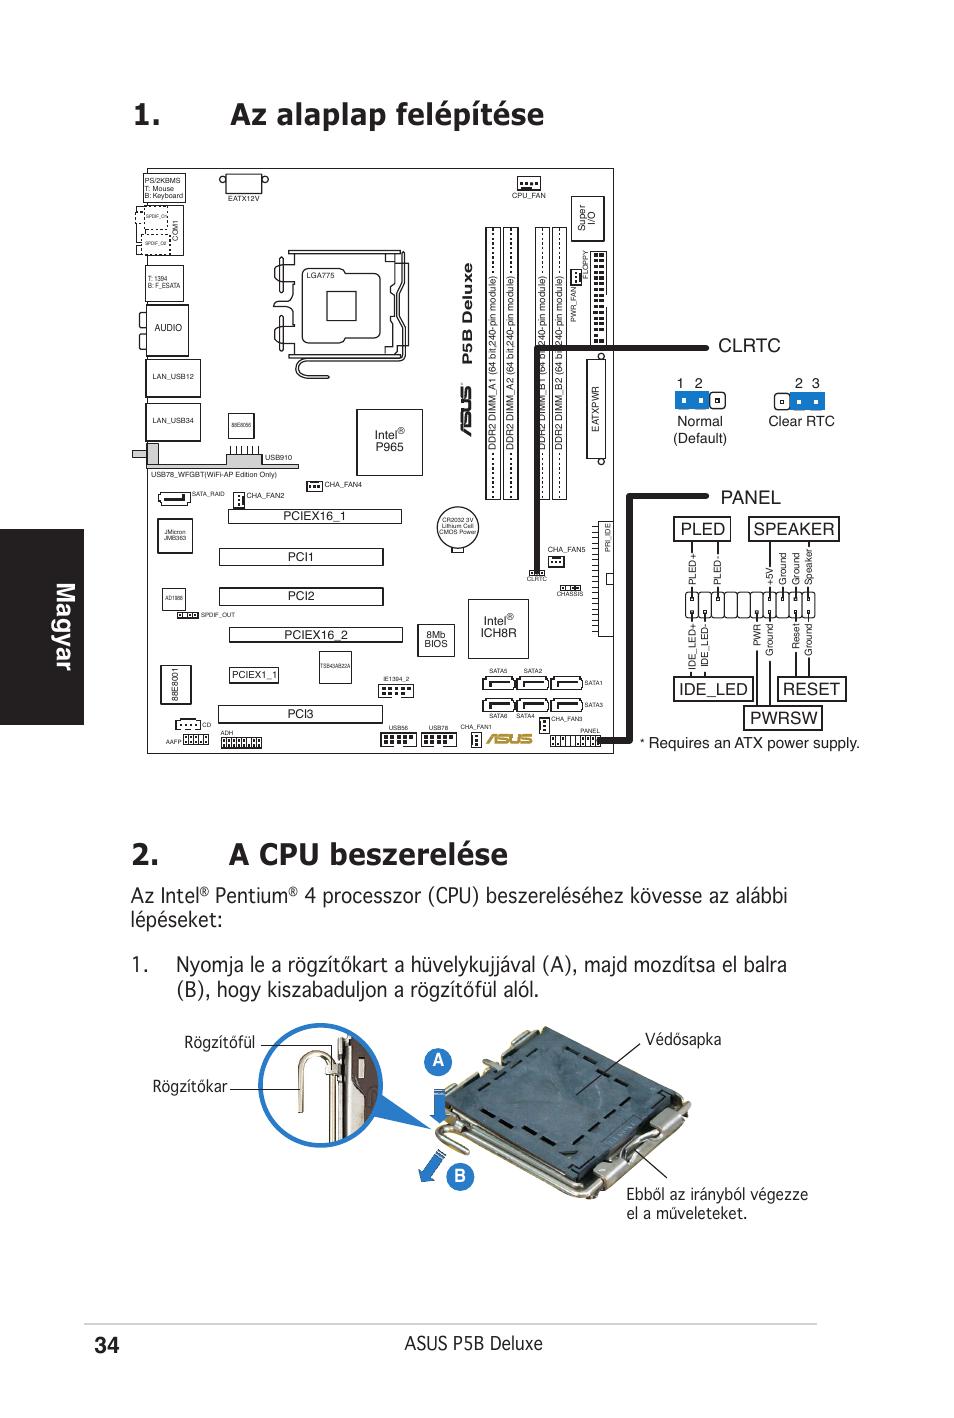 Az alaplap felépítése 2. a cpu beszerelése, Magyar, Az intel | Pentium,